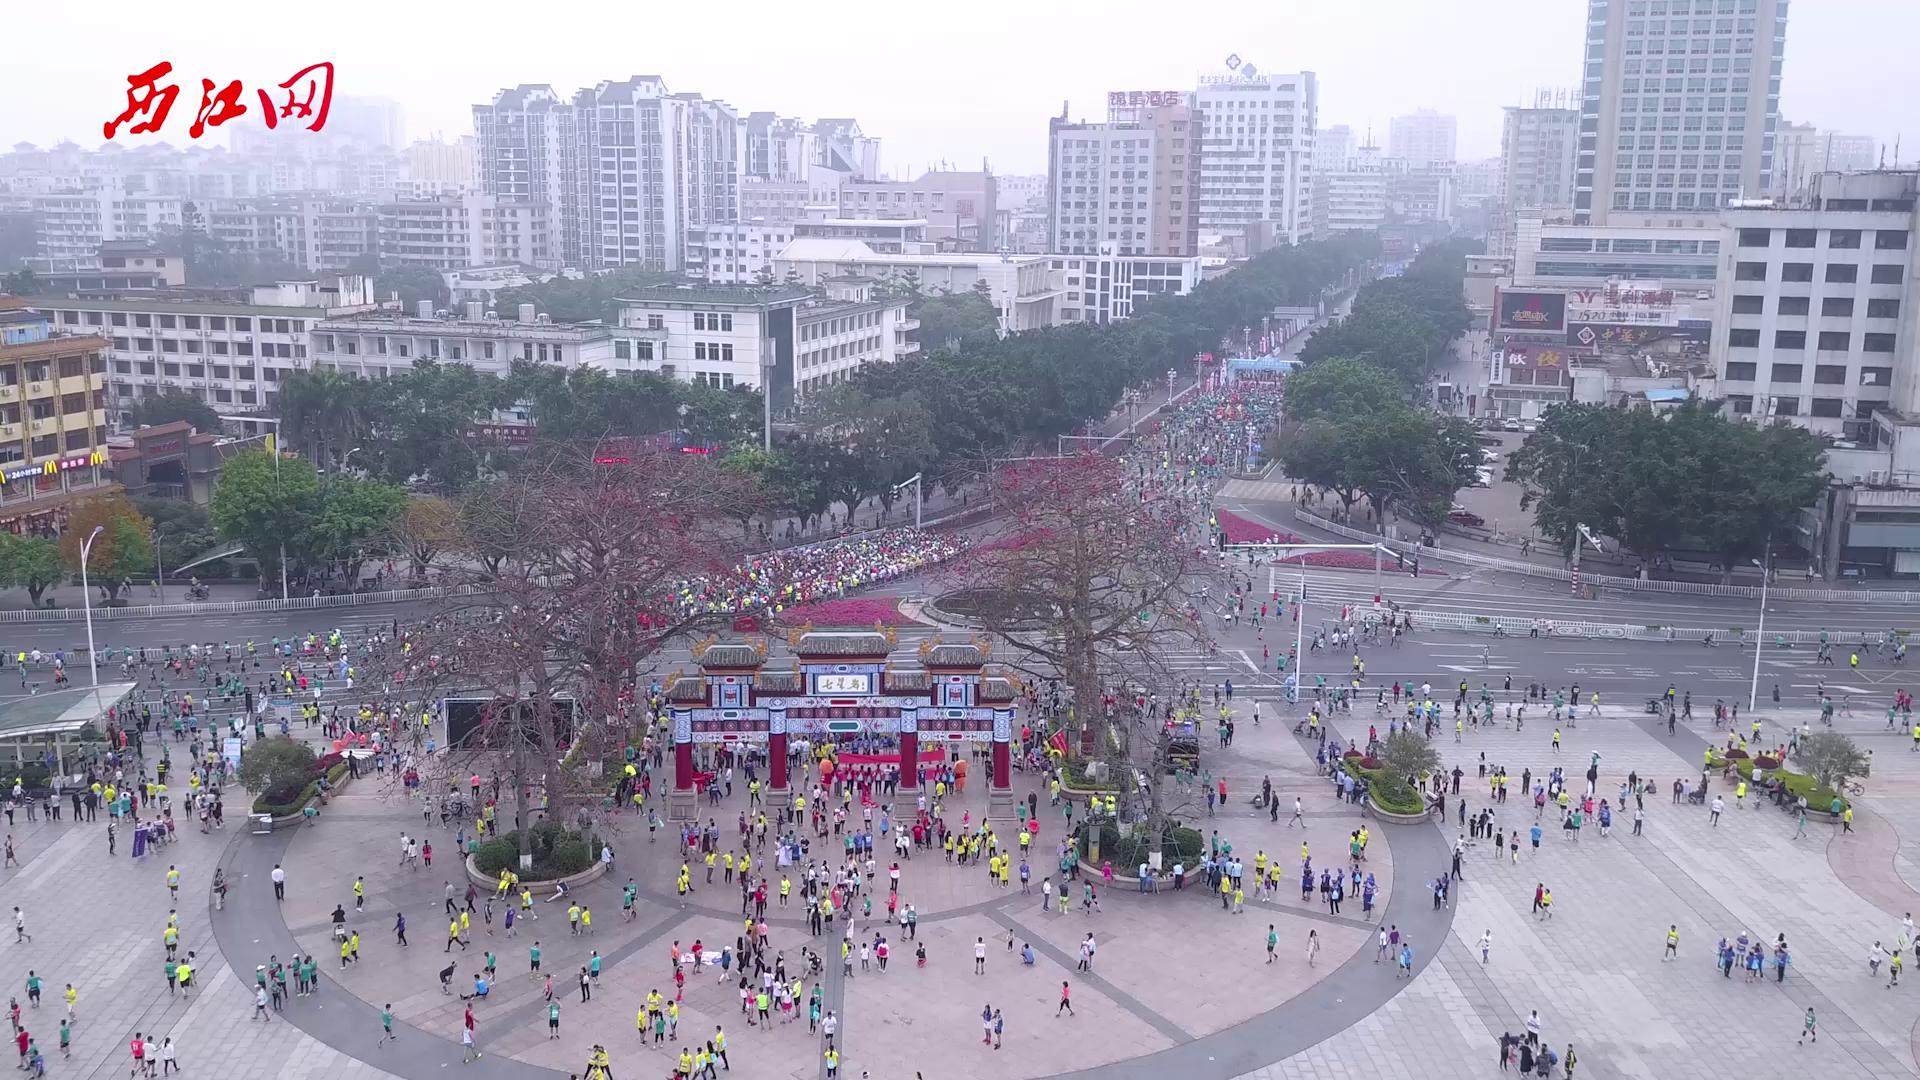 白菜送38彩金国际马拉松航拍花絮